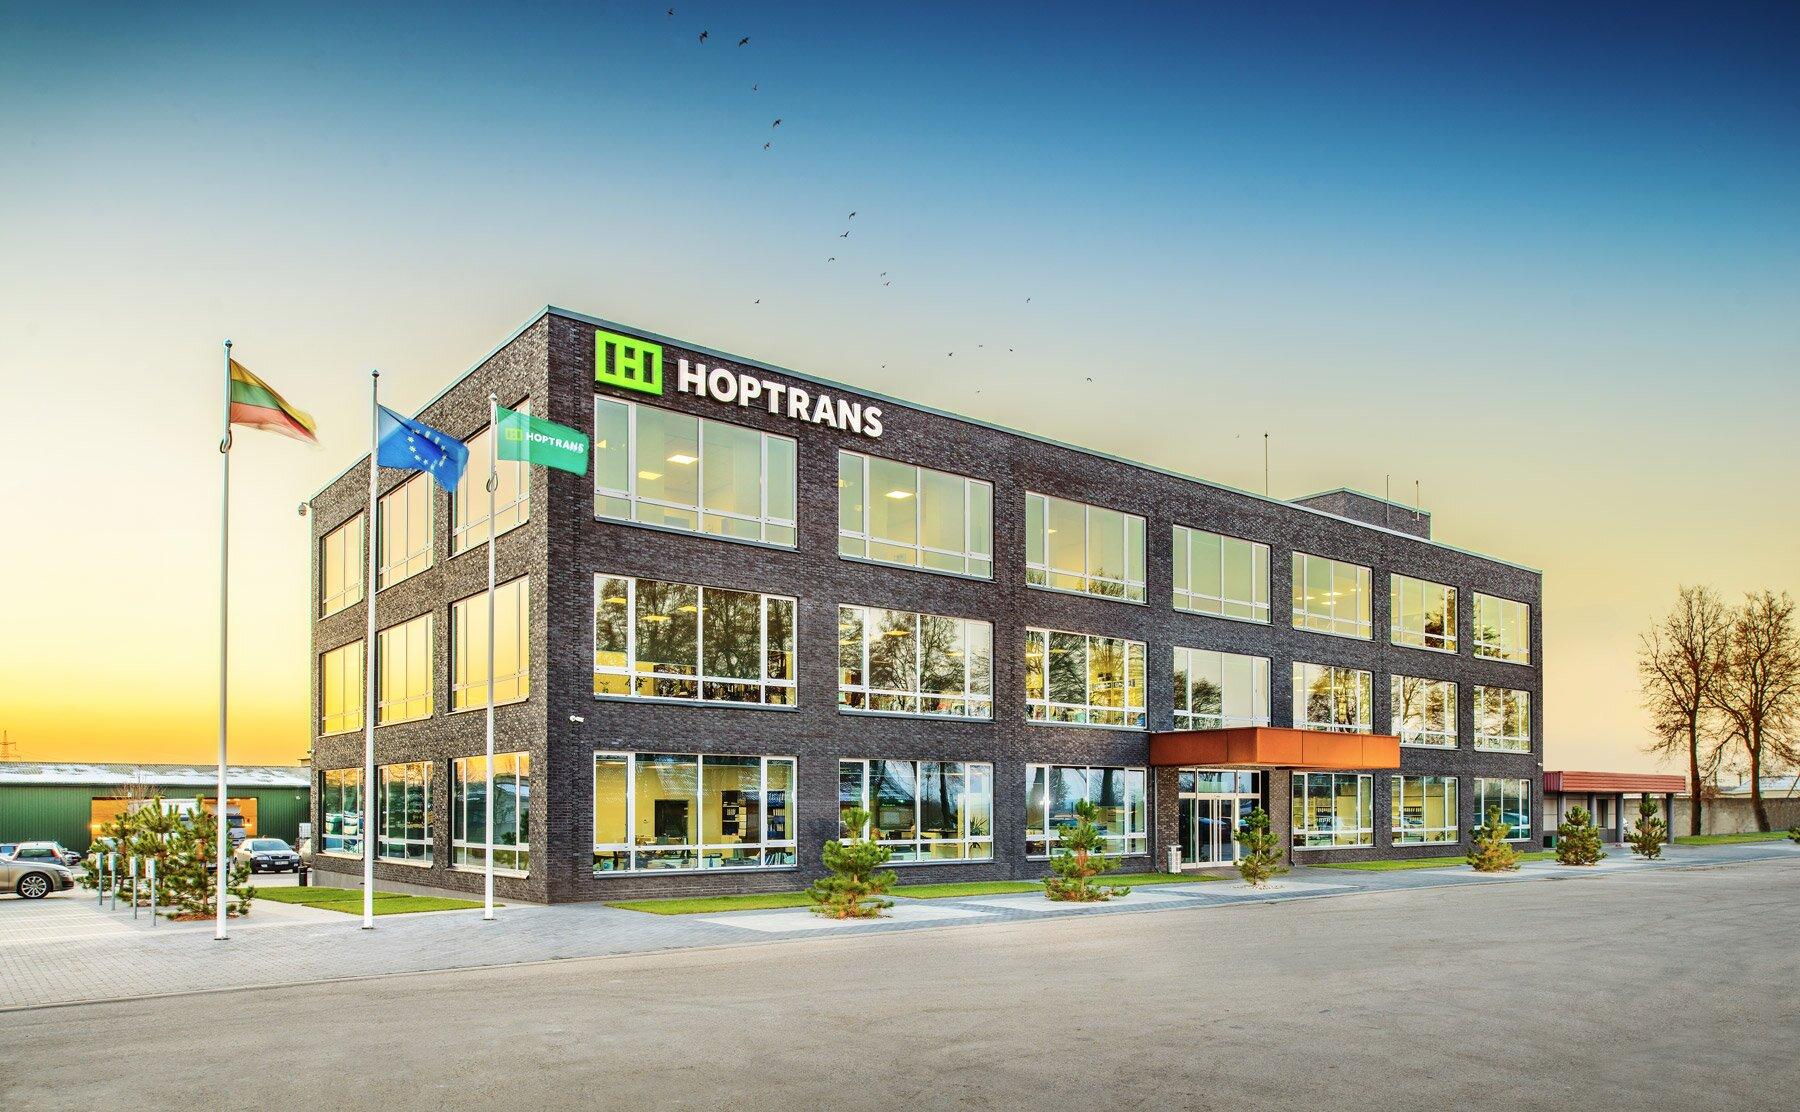 architekturos-ofiso-fasado-fotografavimas-hoptrans